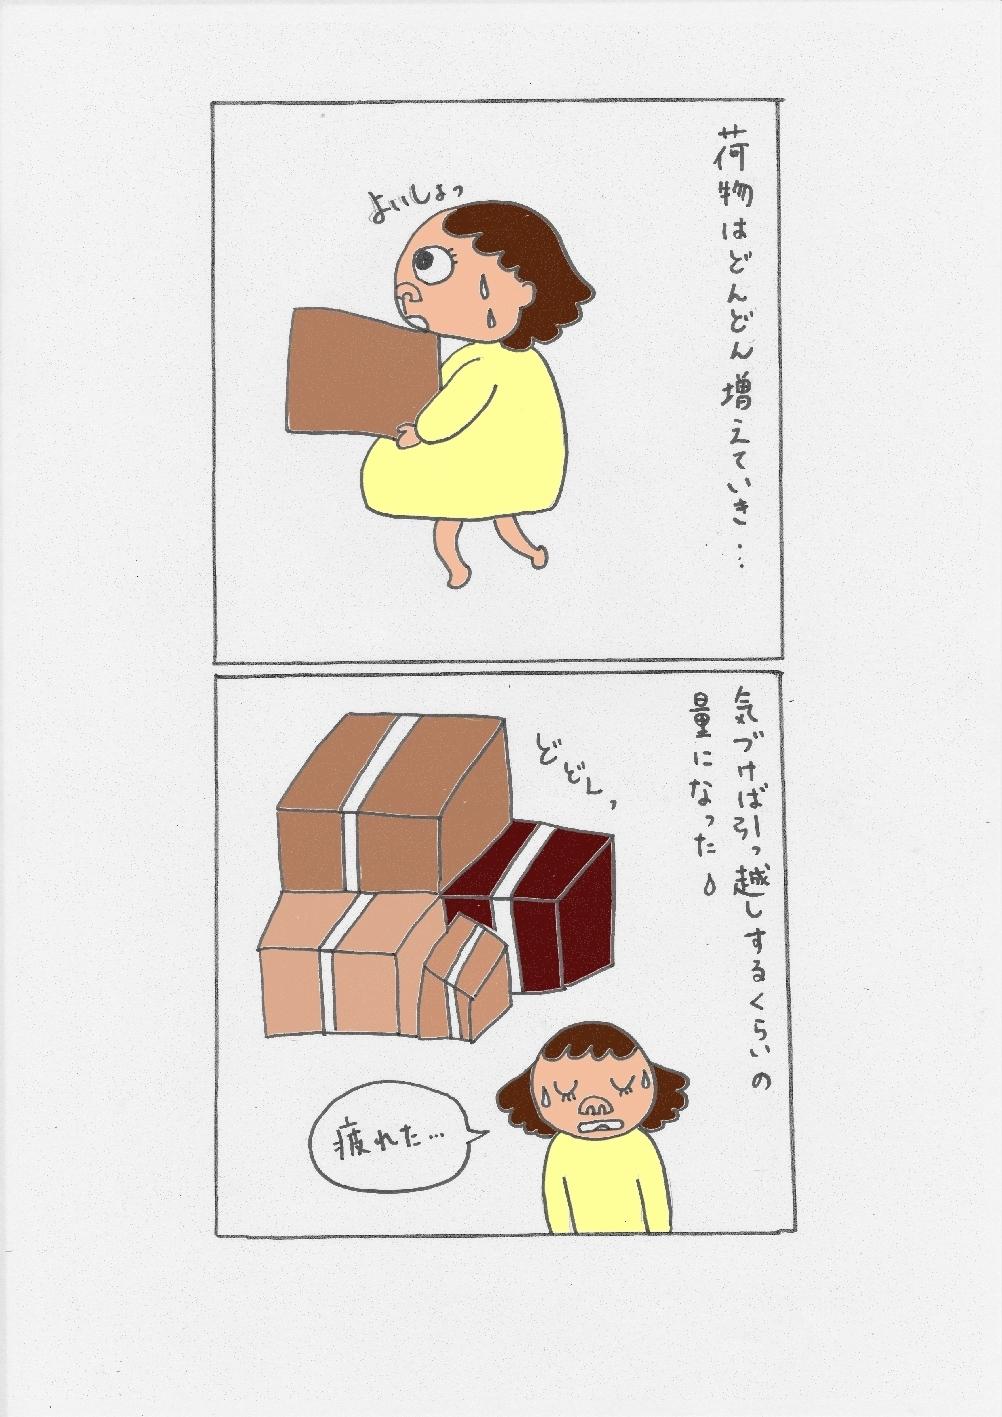 里帰り2.jpg